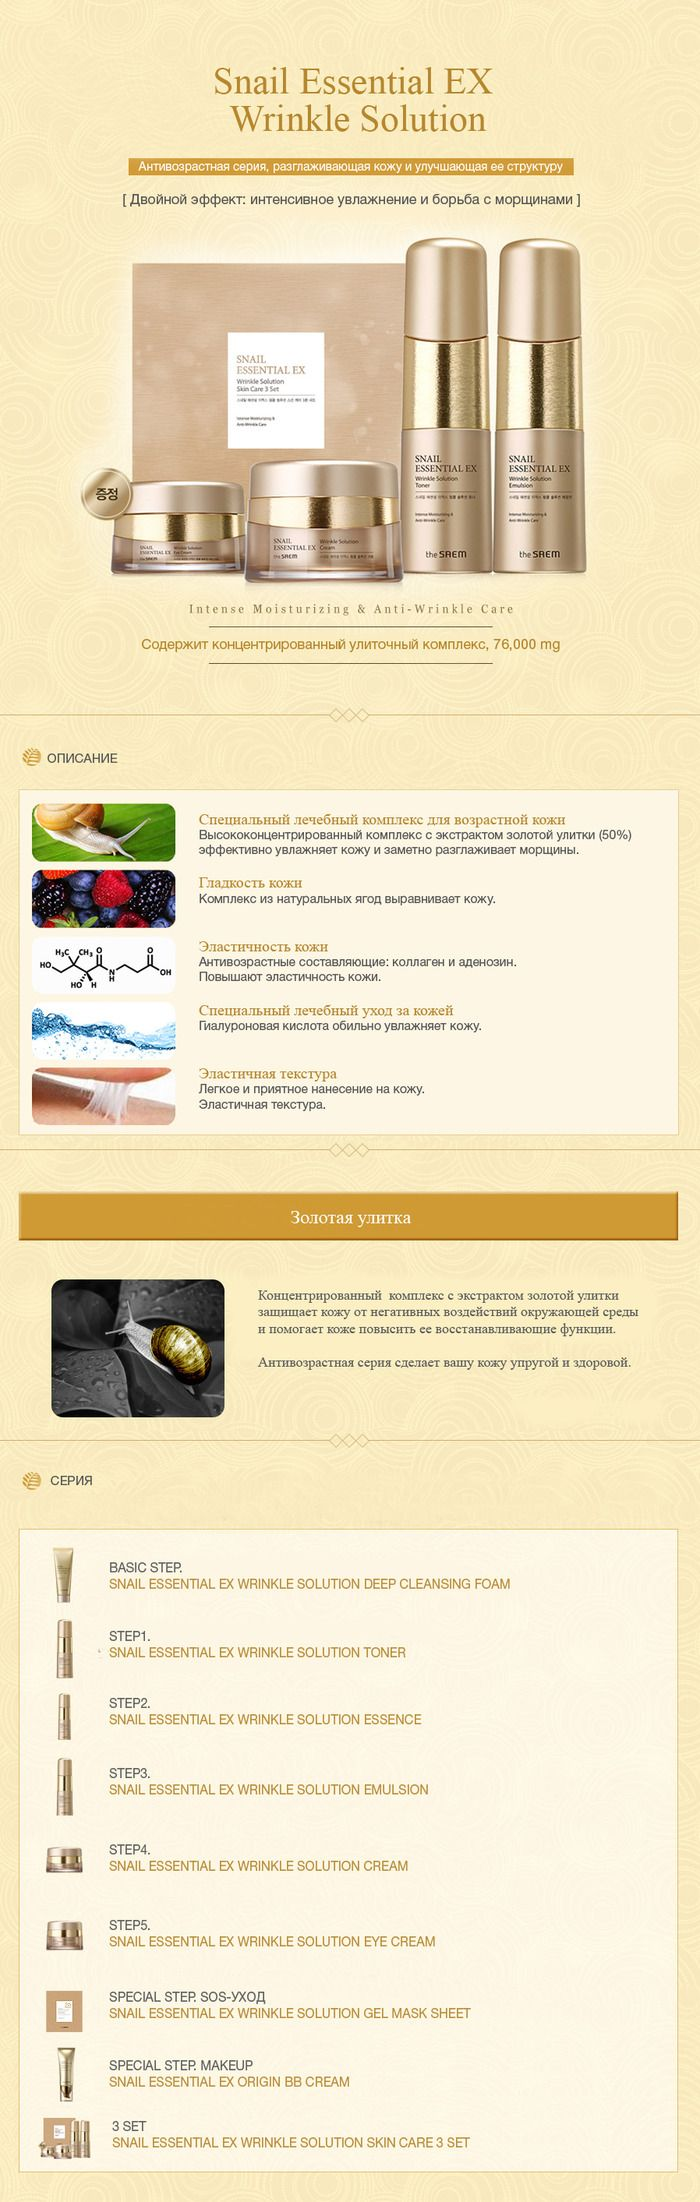 THE SAEM Snail Essential EX Wrinkle Solution Cream - Крем с улиткой антивозрастной против морщин - купить 3672 - Улиточные средства - topcream.ru